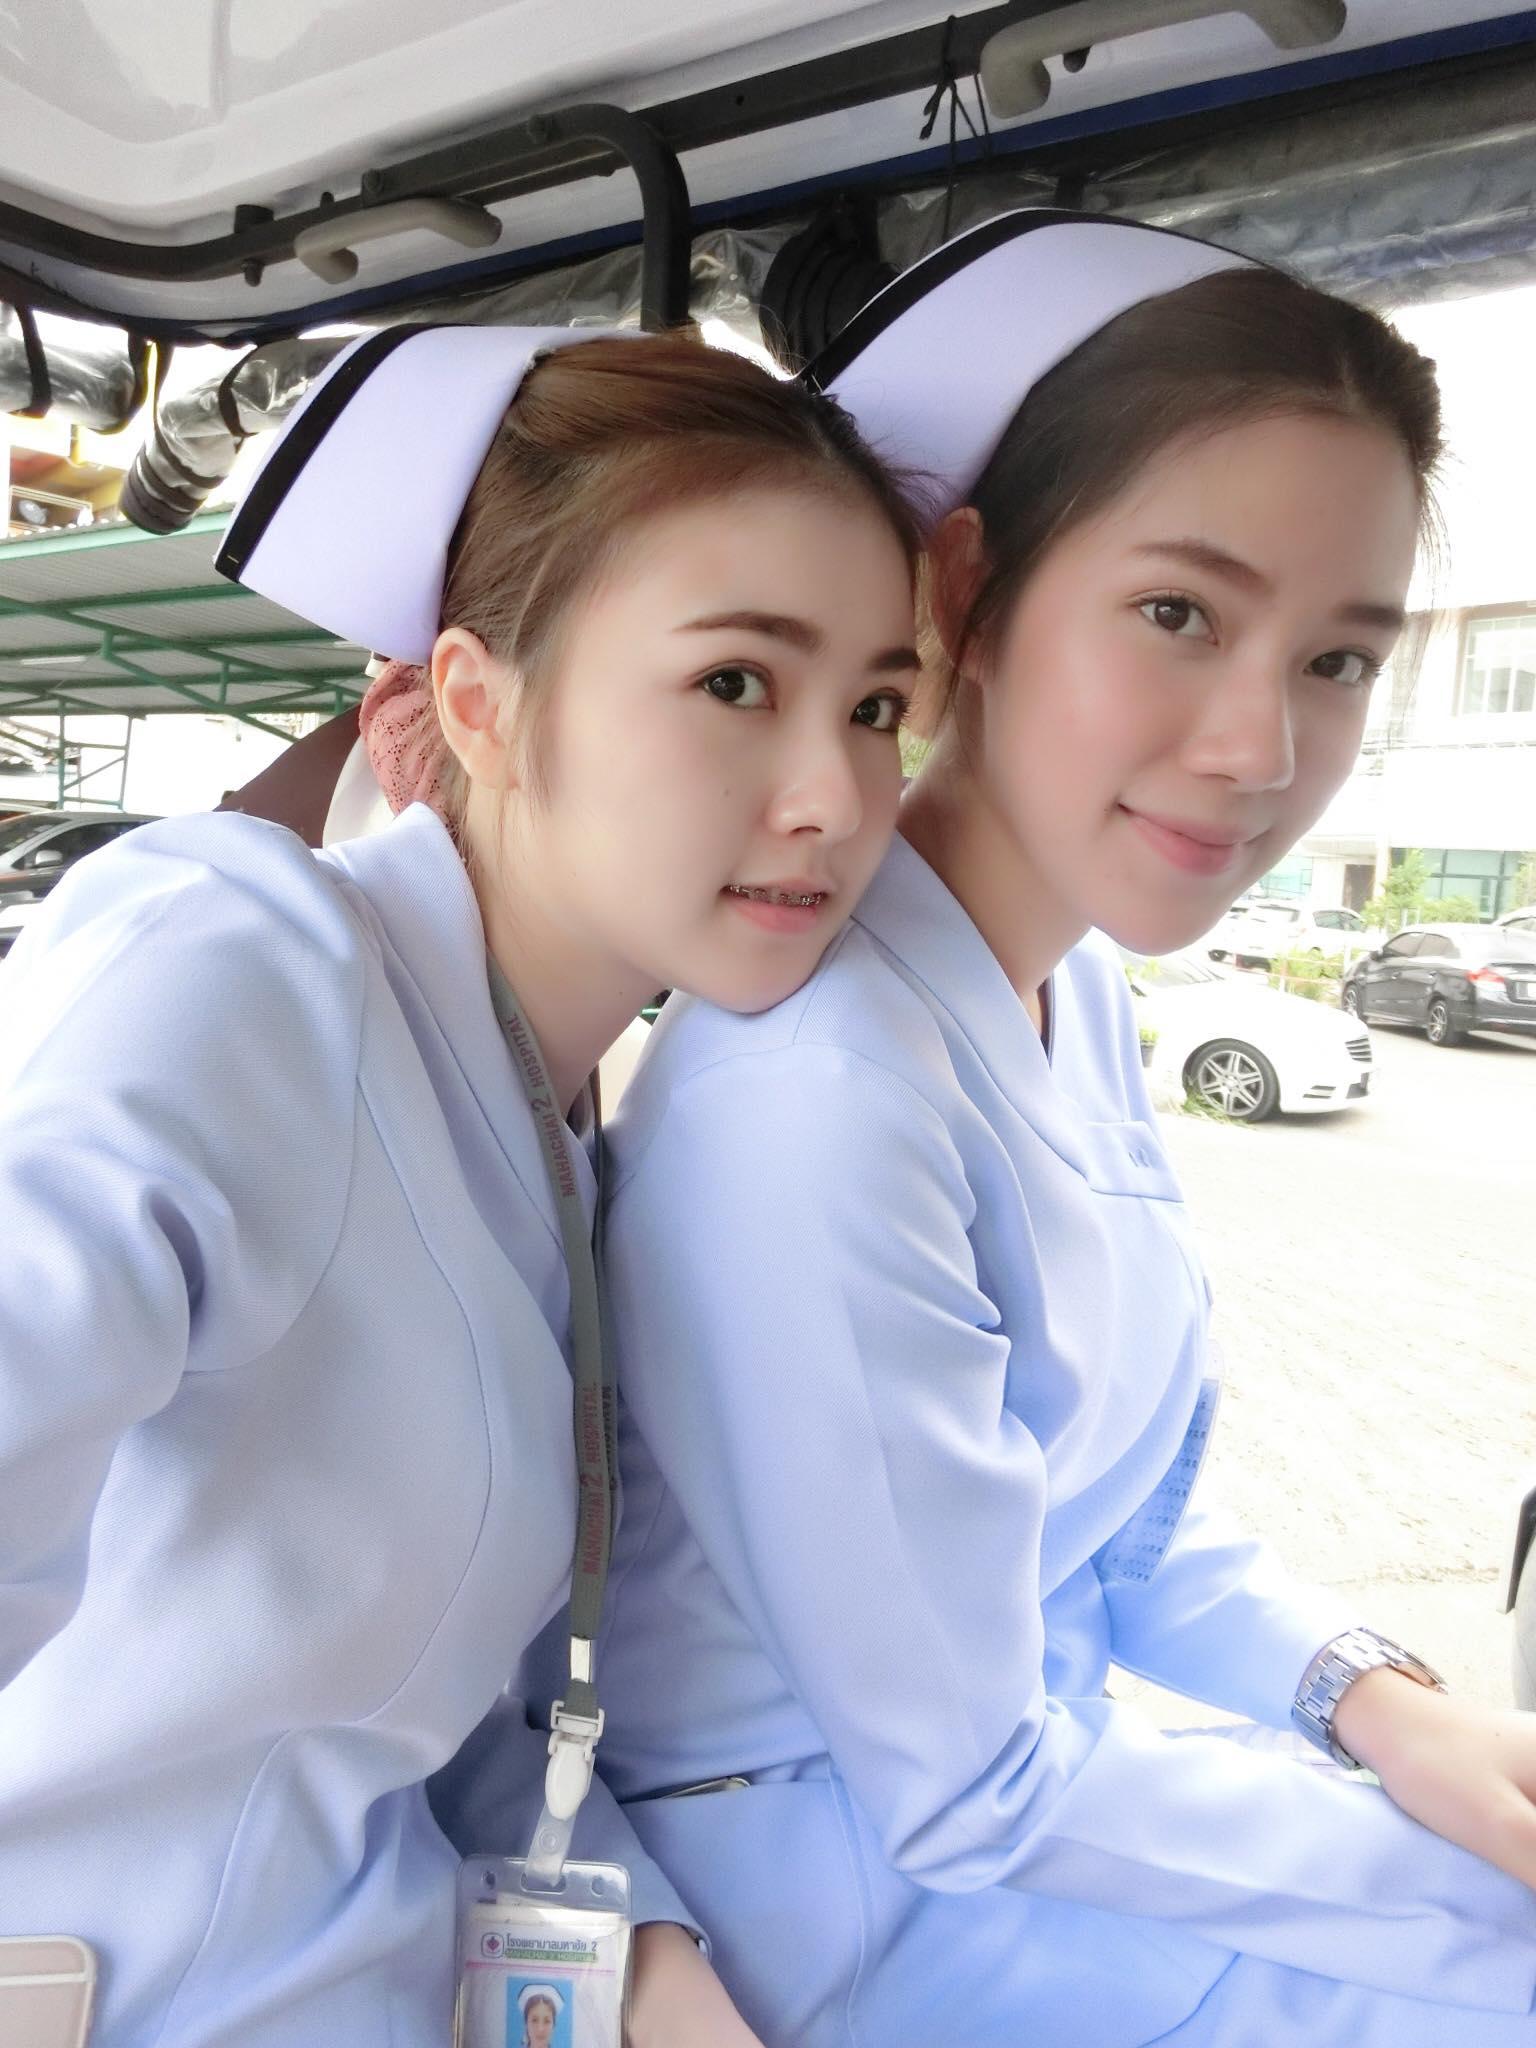 Bức ảnh siêu hot: 3 cô y tá đã xinh lại còn làm cùng viện với nhau! - Ảnh 5.